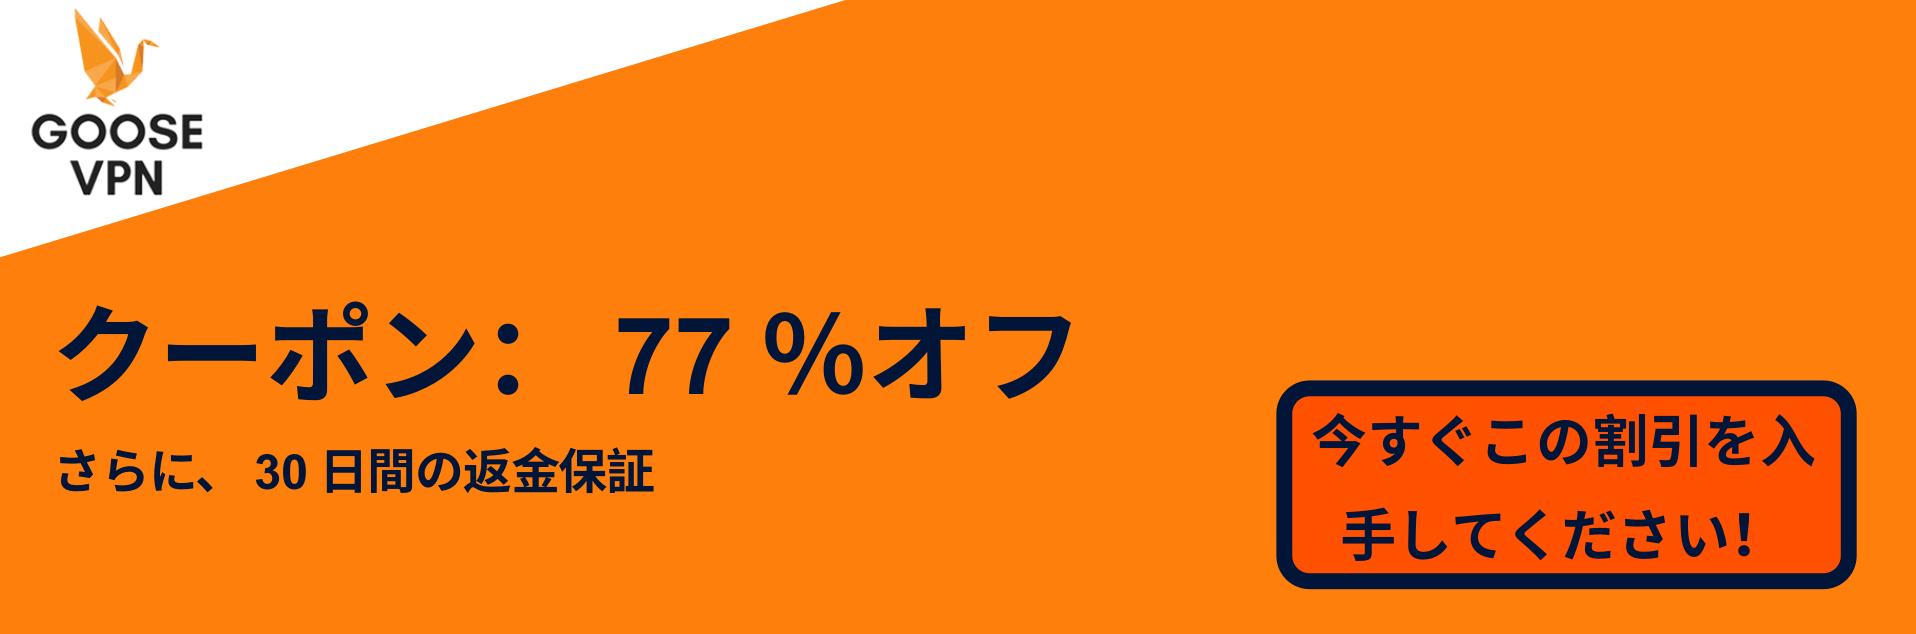 GooseVPNクーポンバナー-77%オフ